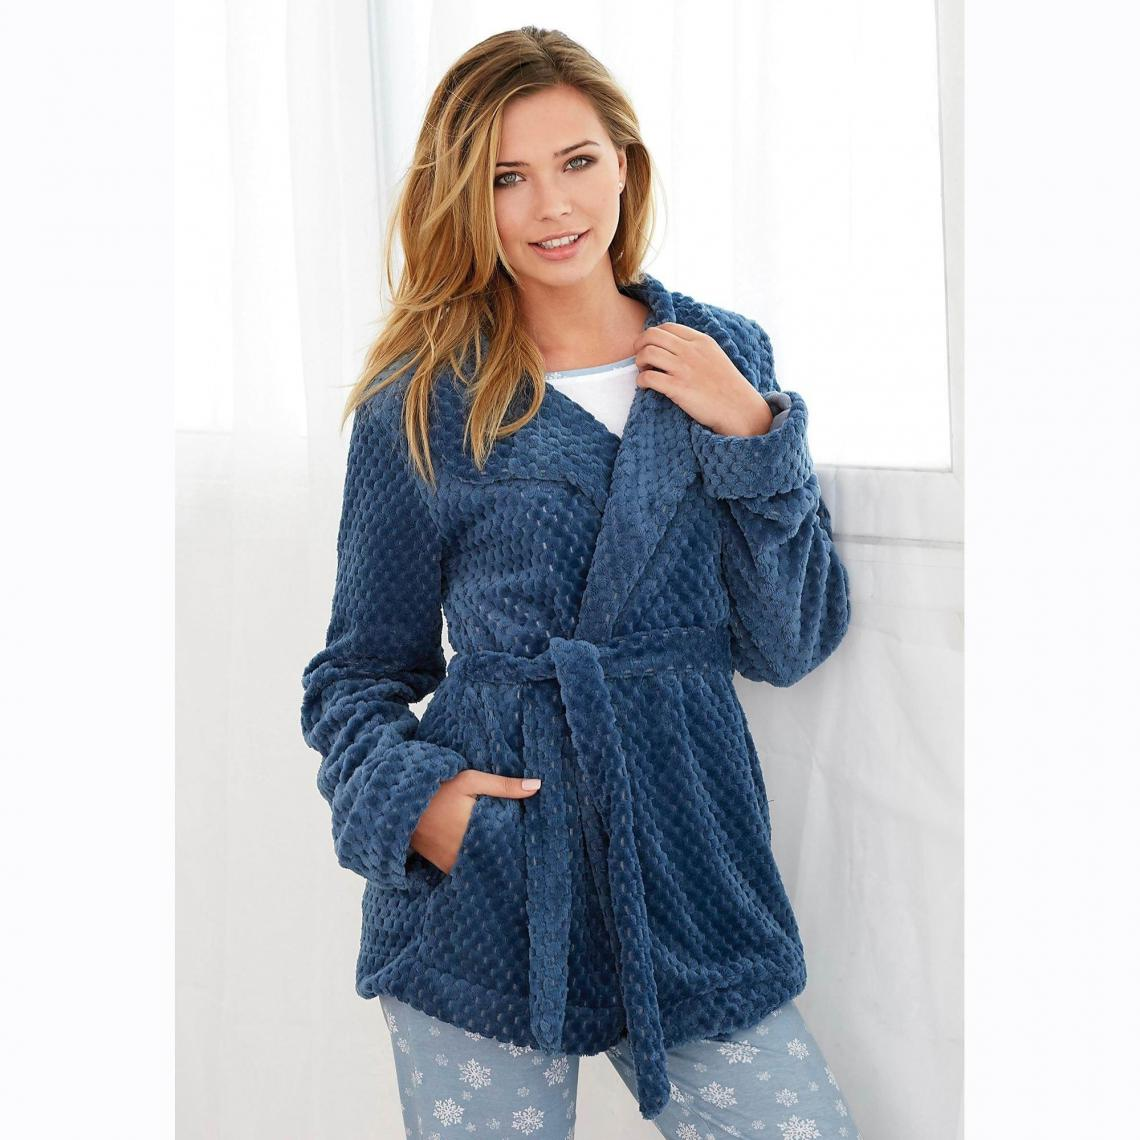 Robe de chambre polaire ceinture poches femme - Bleu | 3 SUISSES